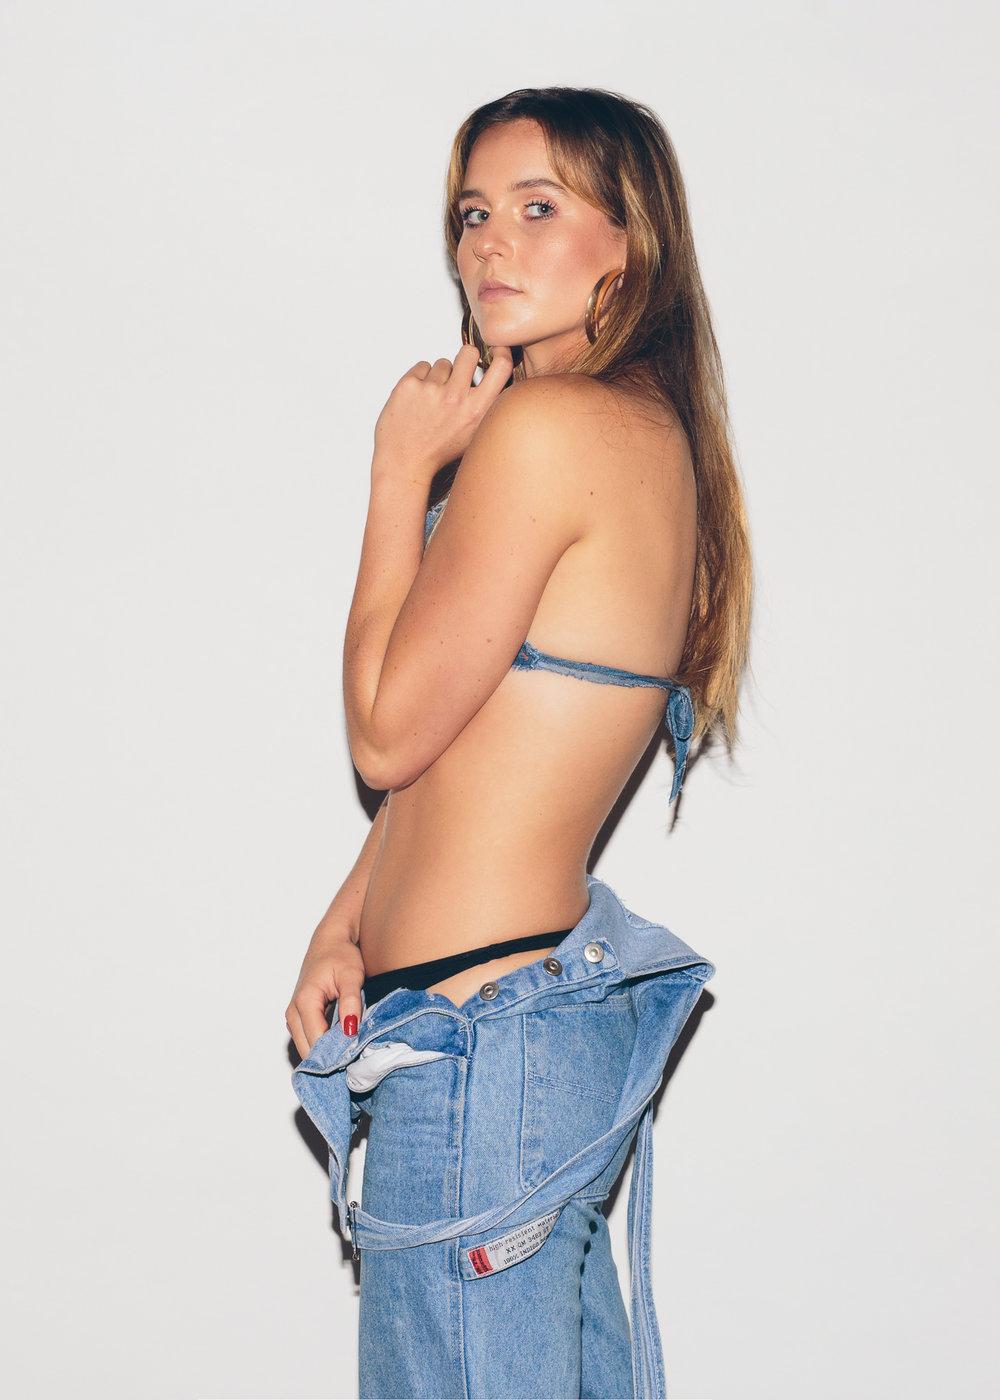 Josie Look 1-58.jpg